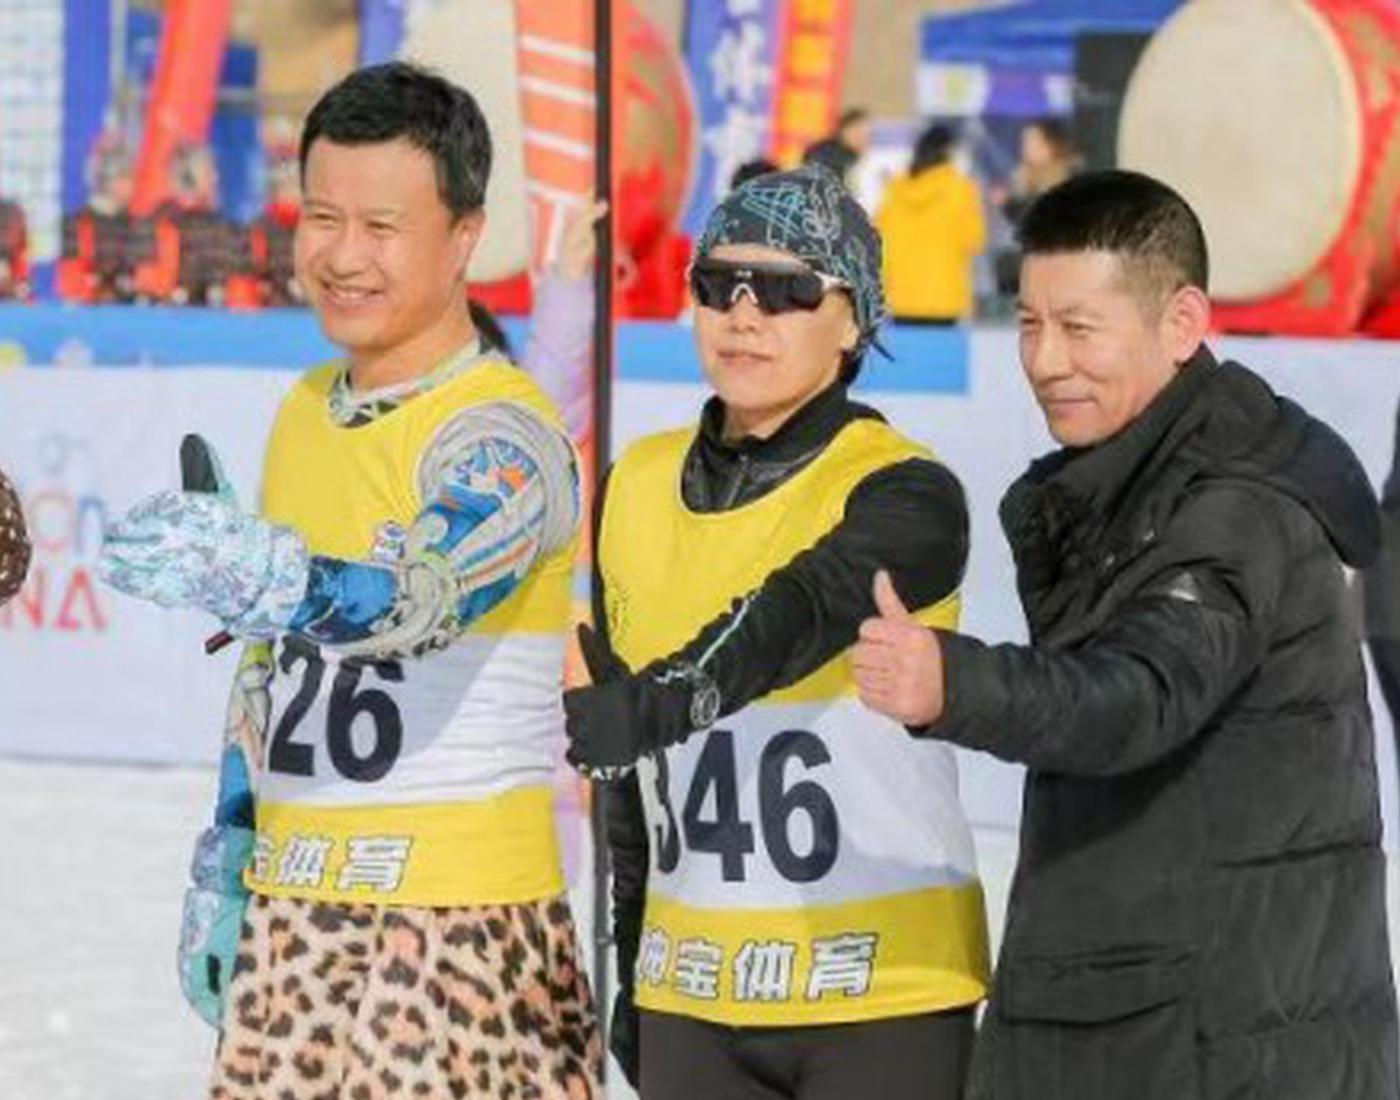 全国冬季铁人三项赛开赛